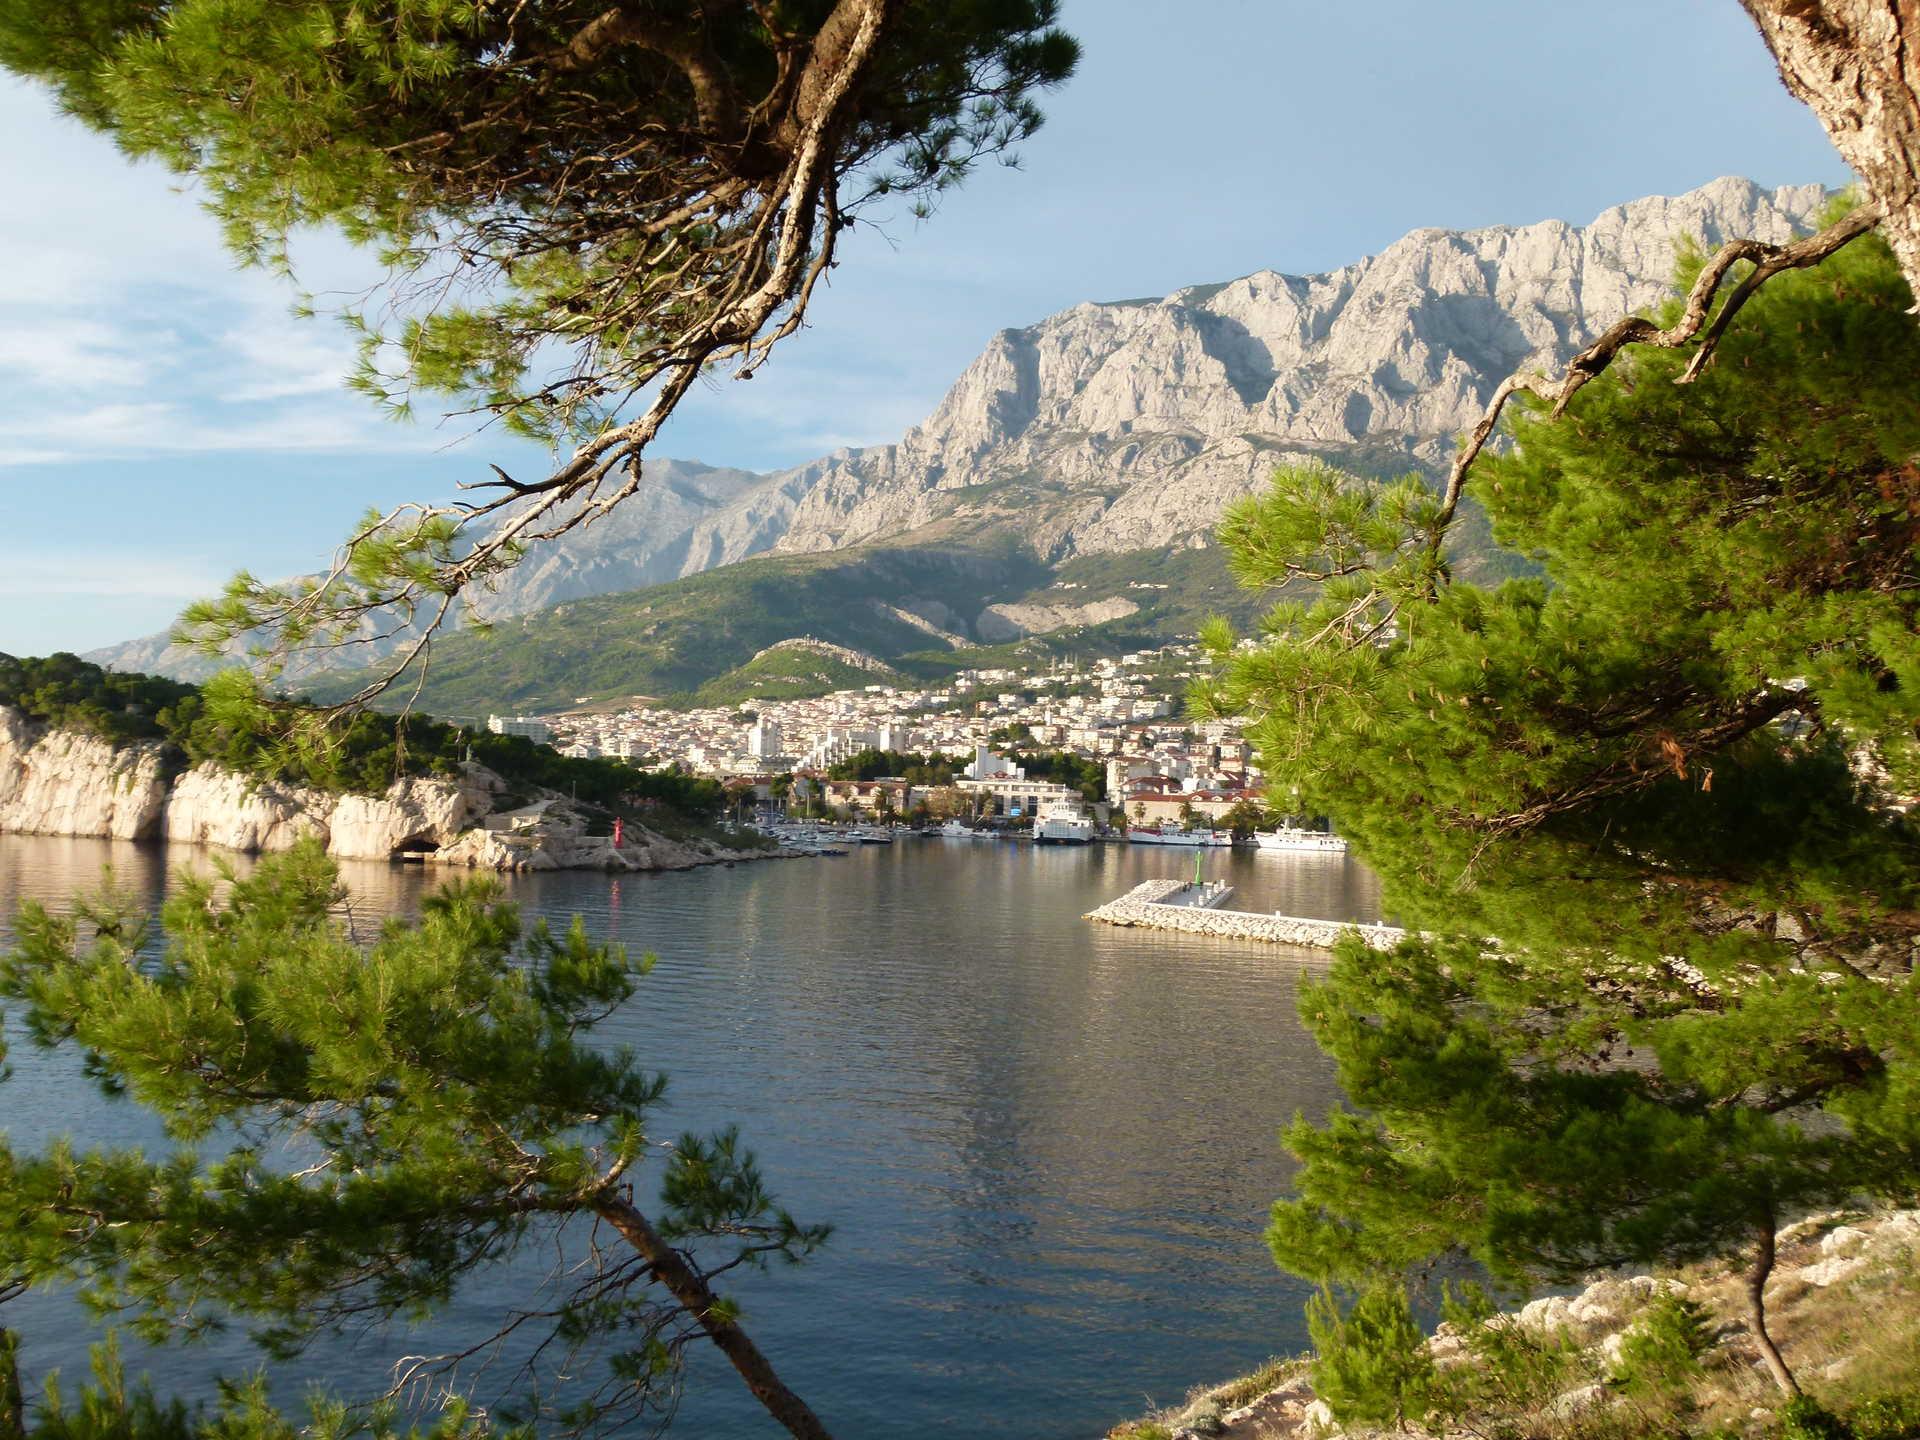 Croatie, Dalmatie, riviera de Makarska